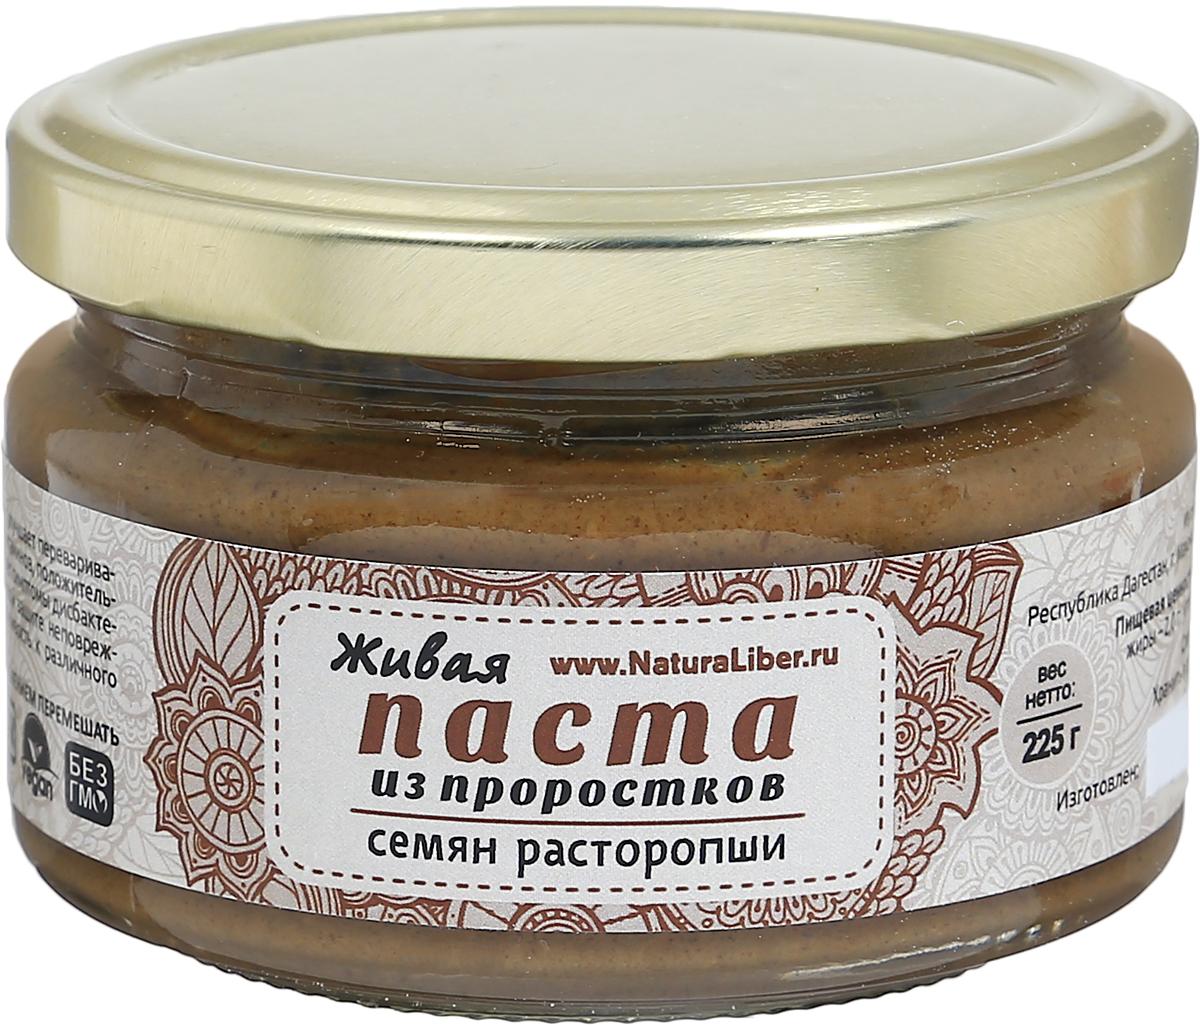 NaturaLiber паста из проростков семян расторопши, 225 г